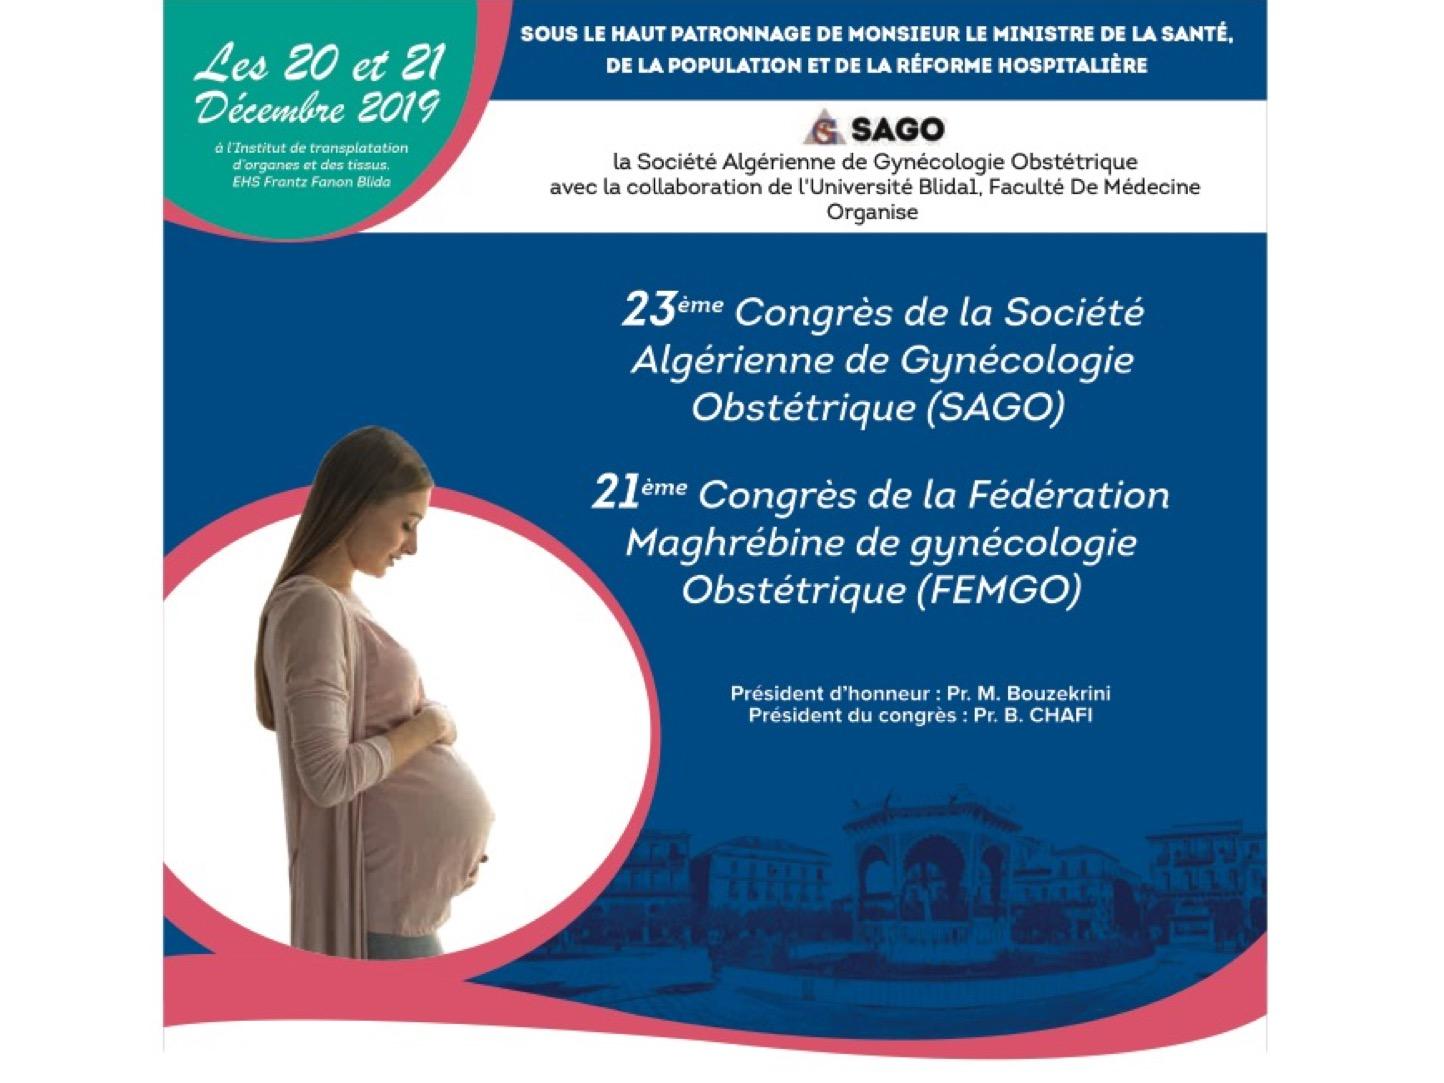 annonce SAGO 2019 Blida Algérie